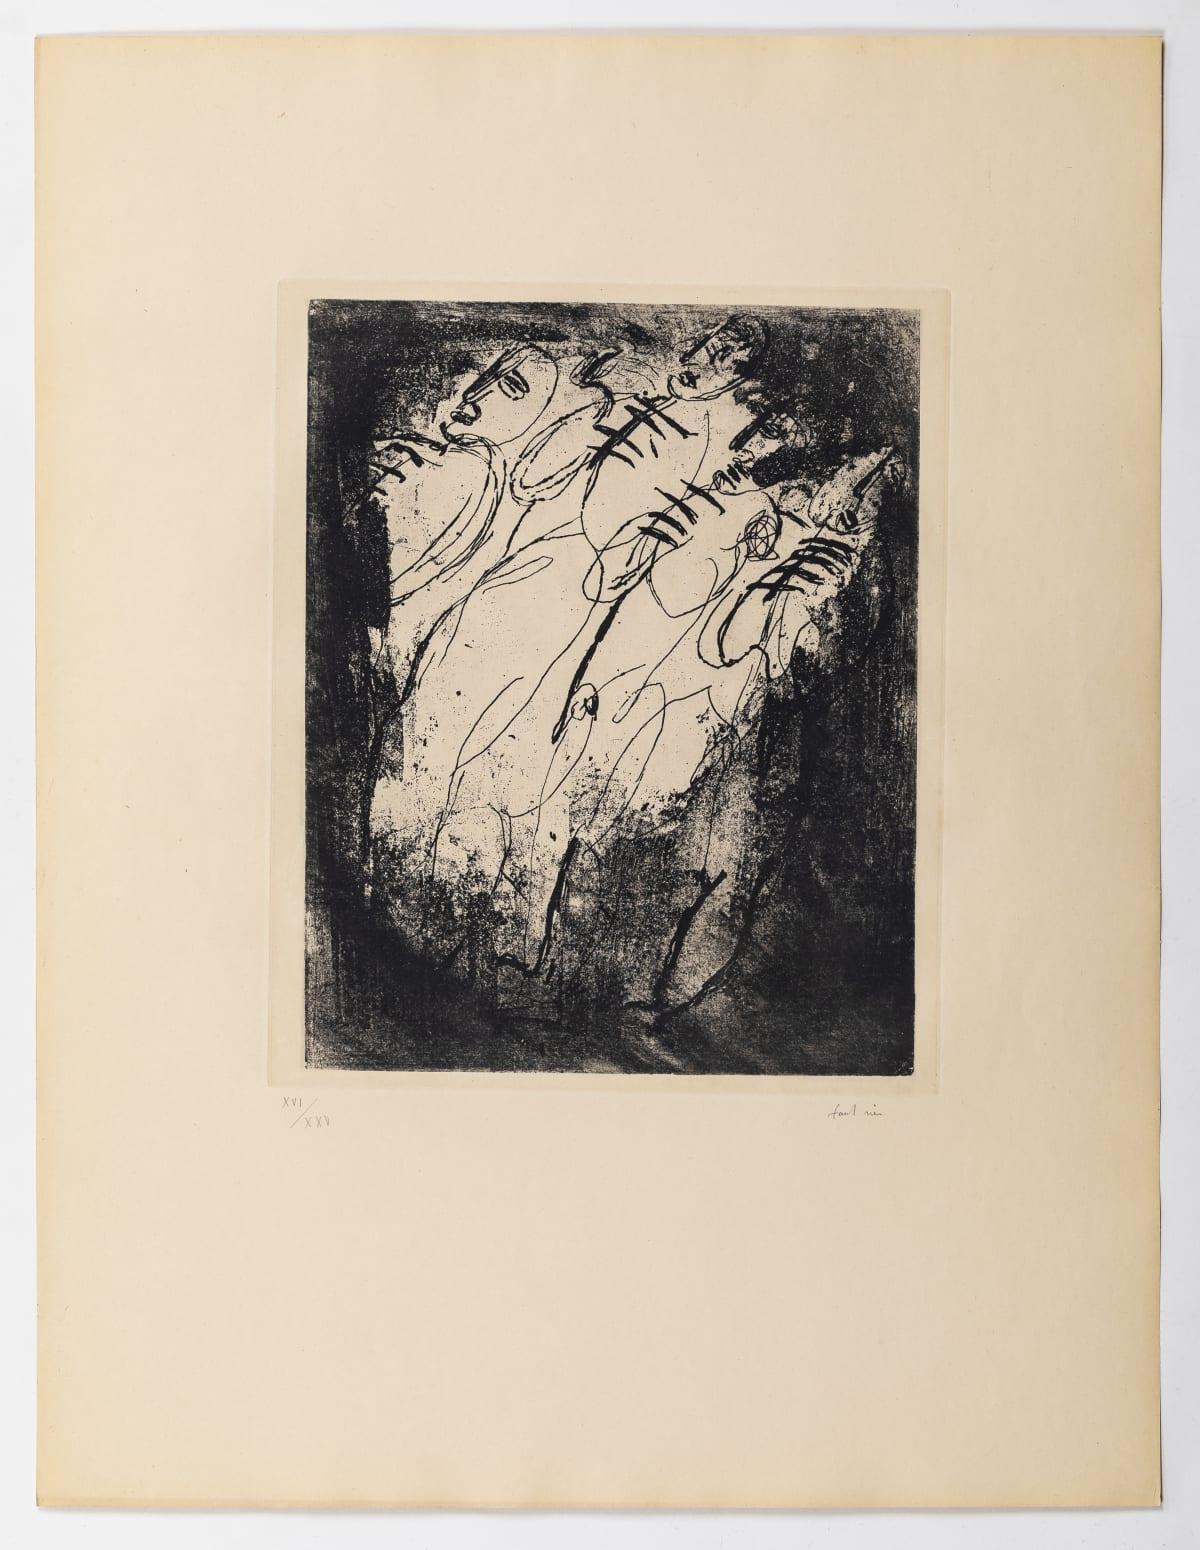 Jean Fautrier Les Fusillés , 1943 Etching Size of sheet: 66 x 50.8 cm